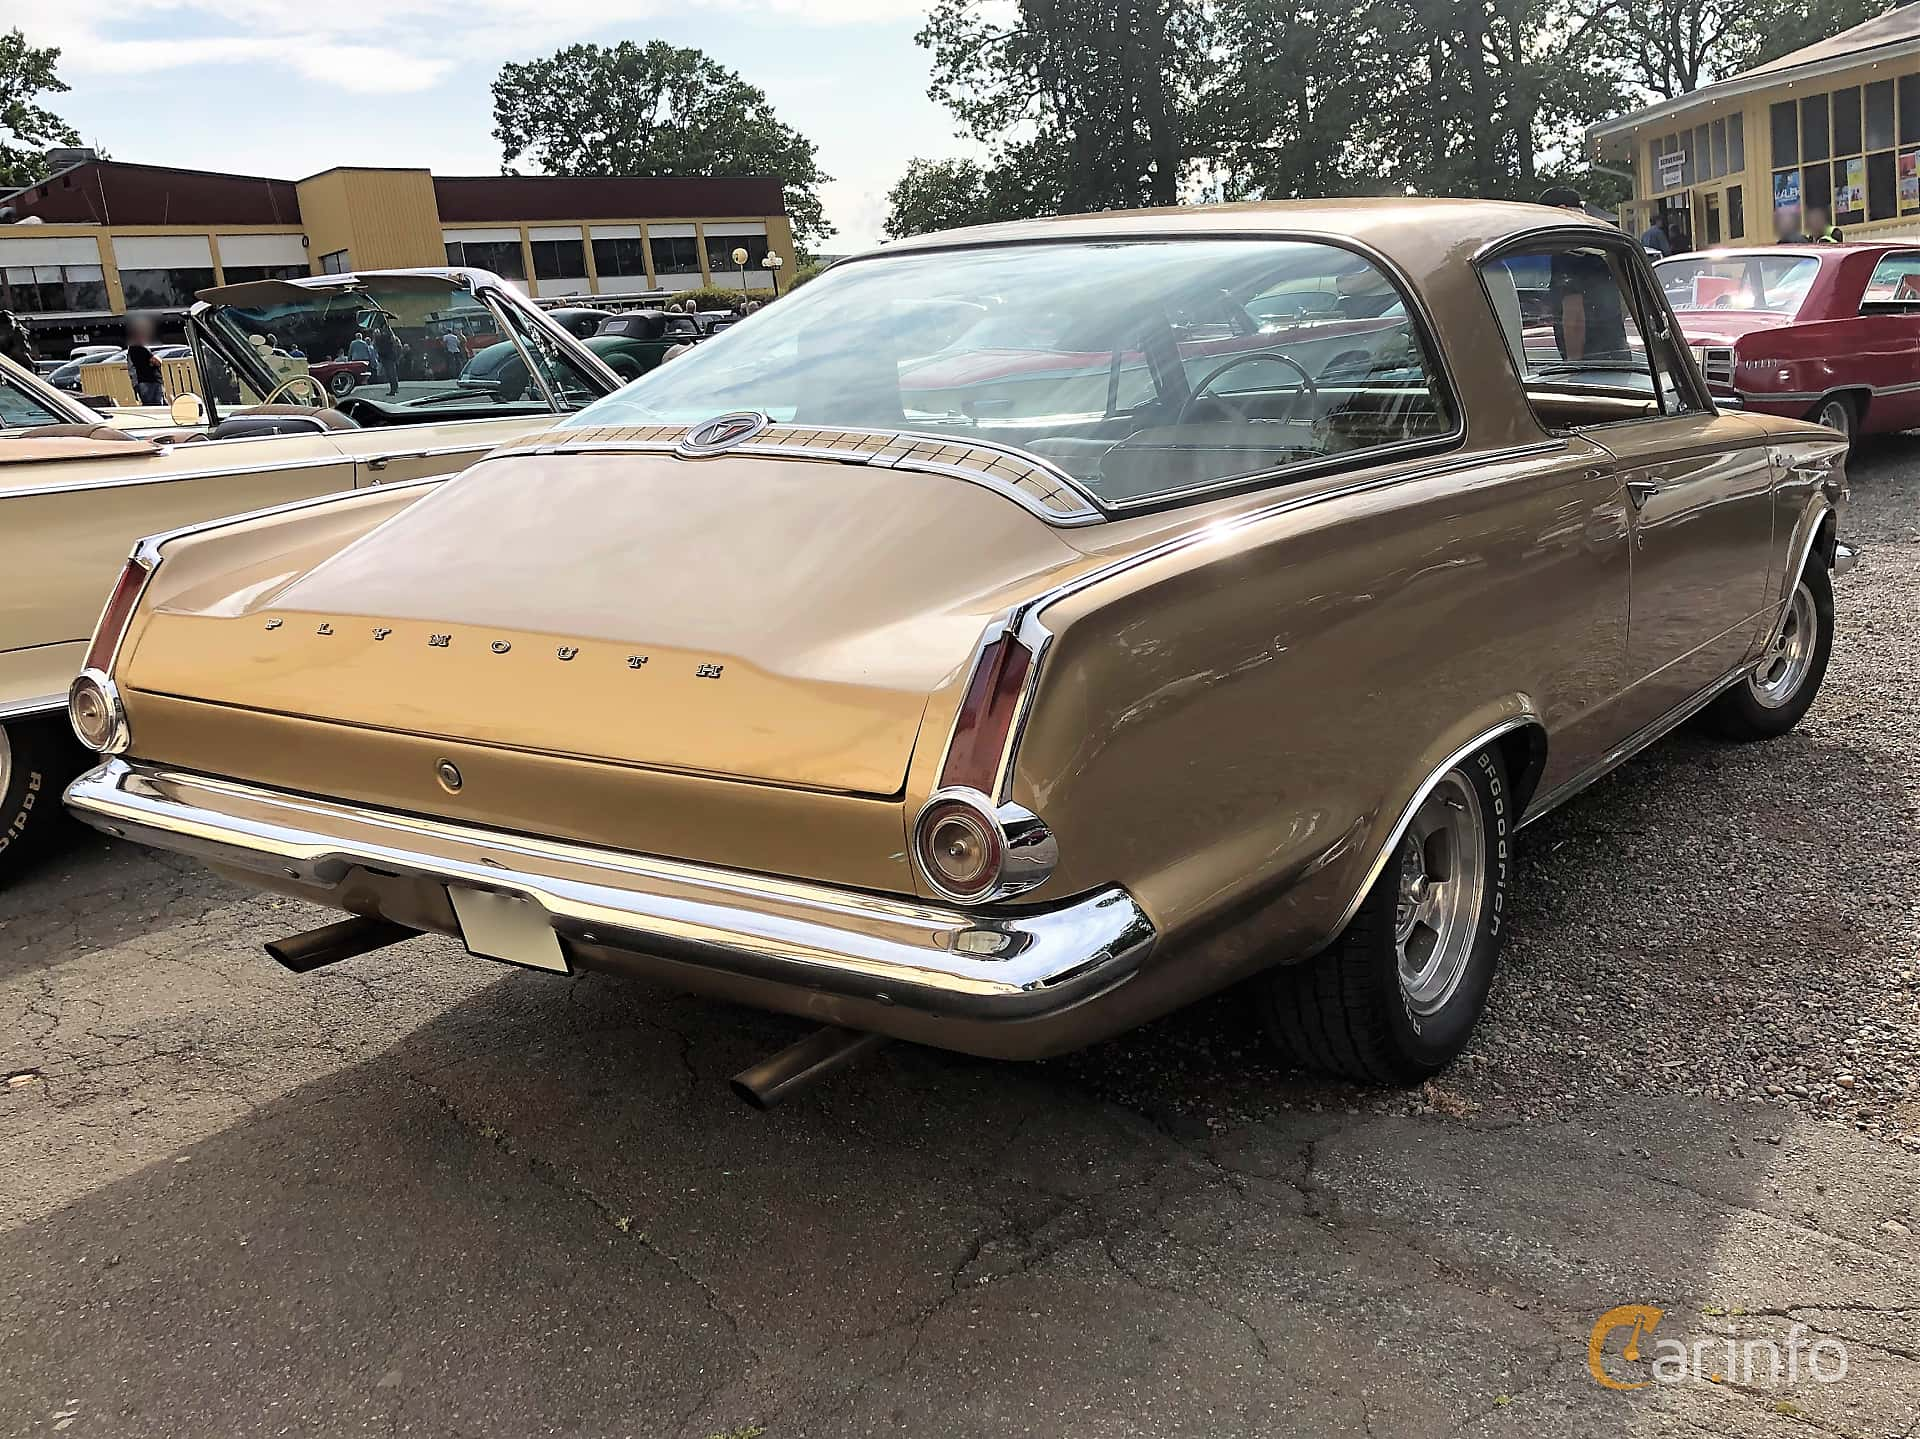 Plymouth Barracuda Hardtop 4.5 V8 TorqueFlite, 182hp, 1965 at Bil & MC-träffar i Huskvarna Folkets Park 2019 vecka 32 tema Hot Rods